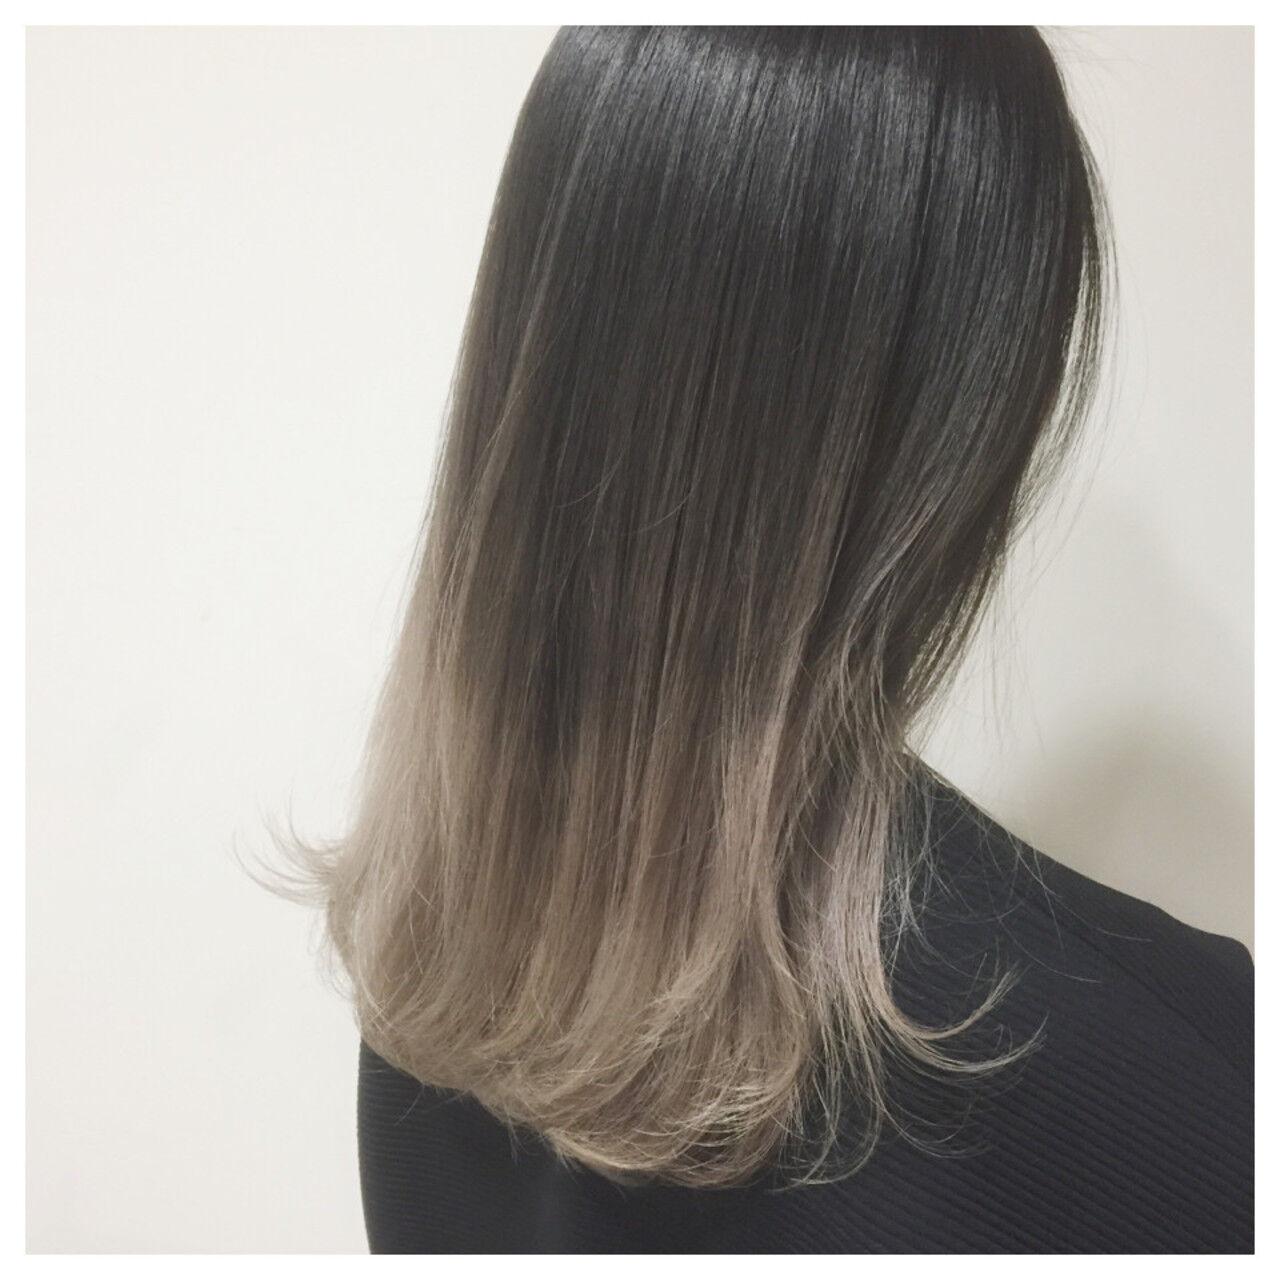 外国人風 ハイライト ストリート ミディアムヘアスタイルや髪型の写真・画像